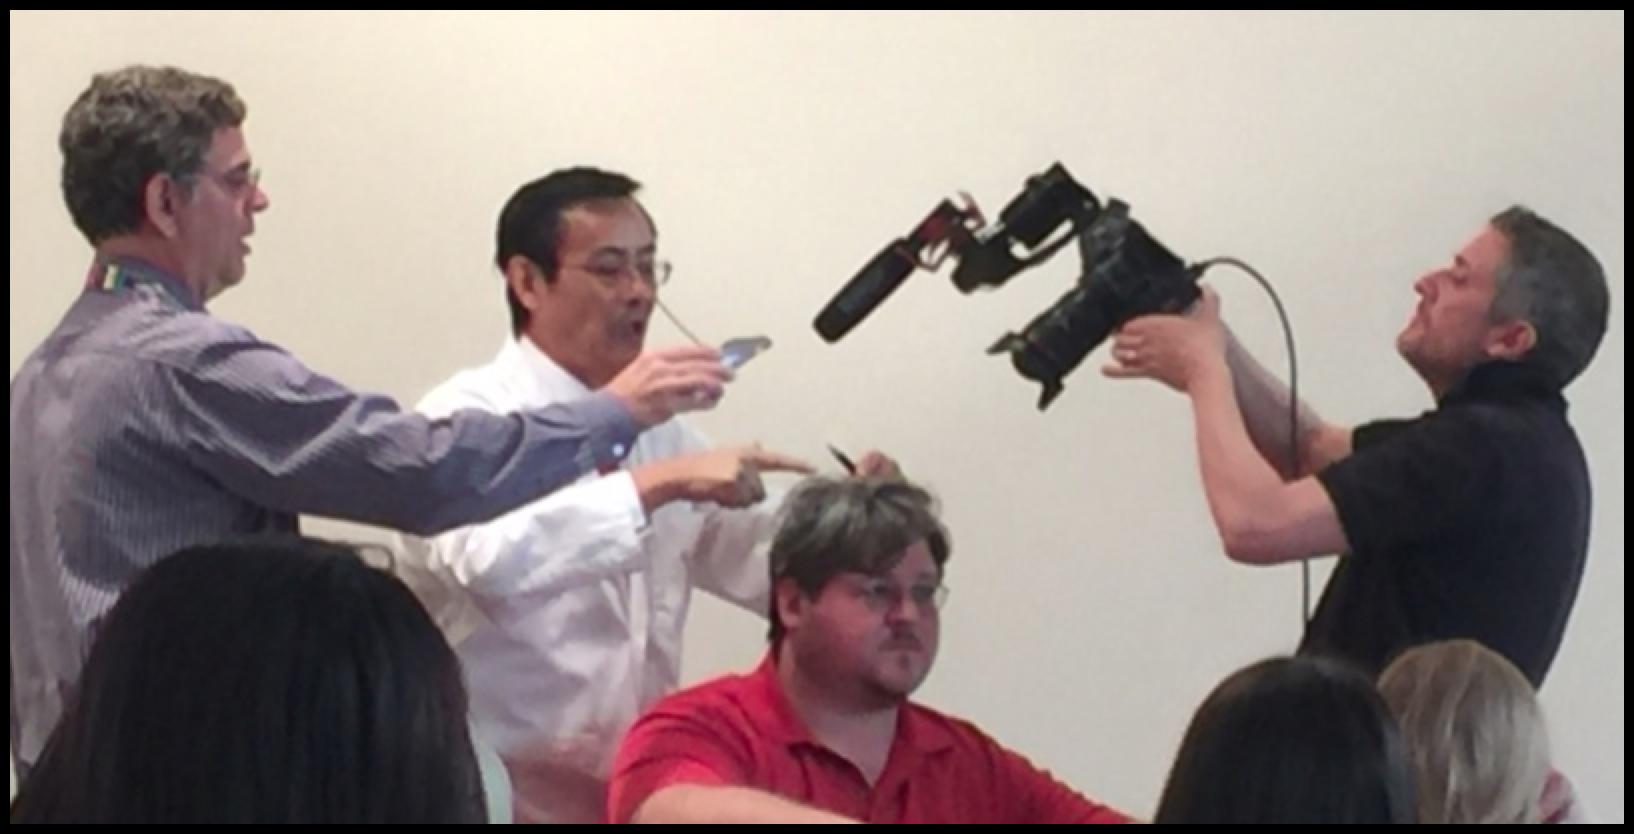 Dr. Hao treating Jon